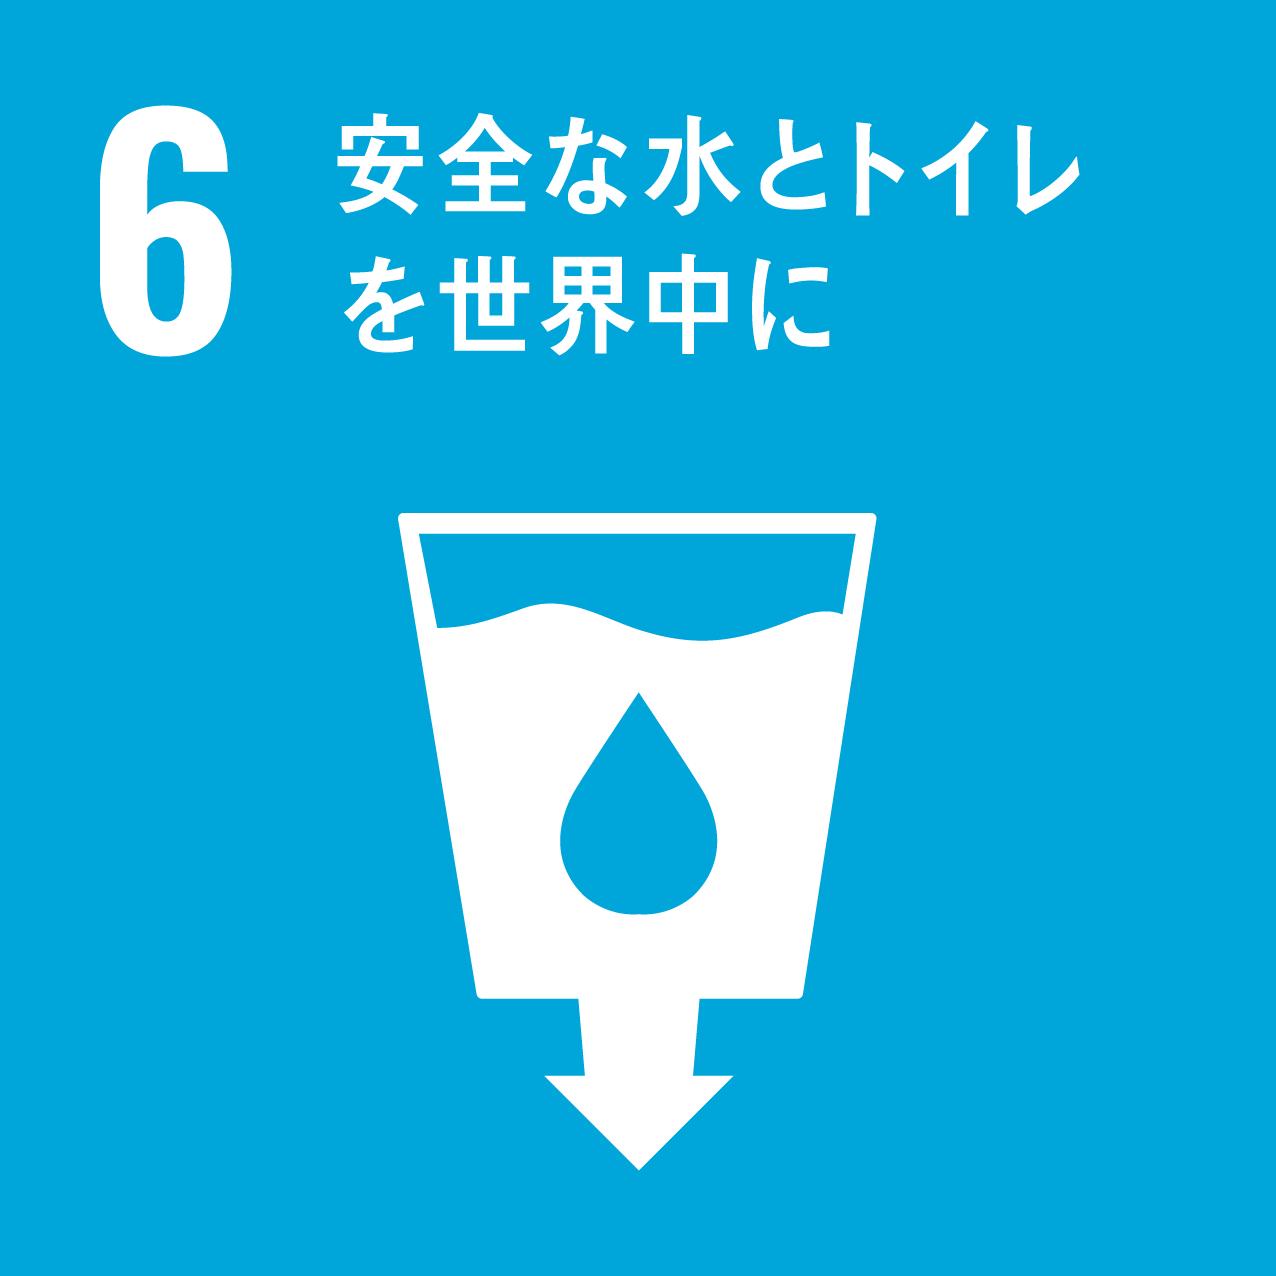 6.安全な水と卜イレ